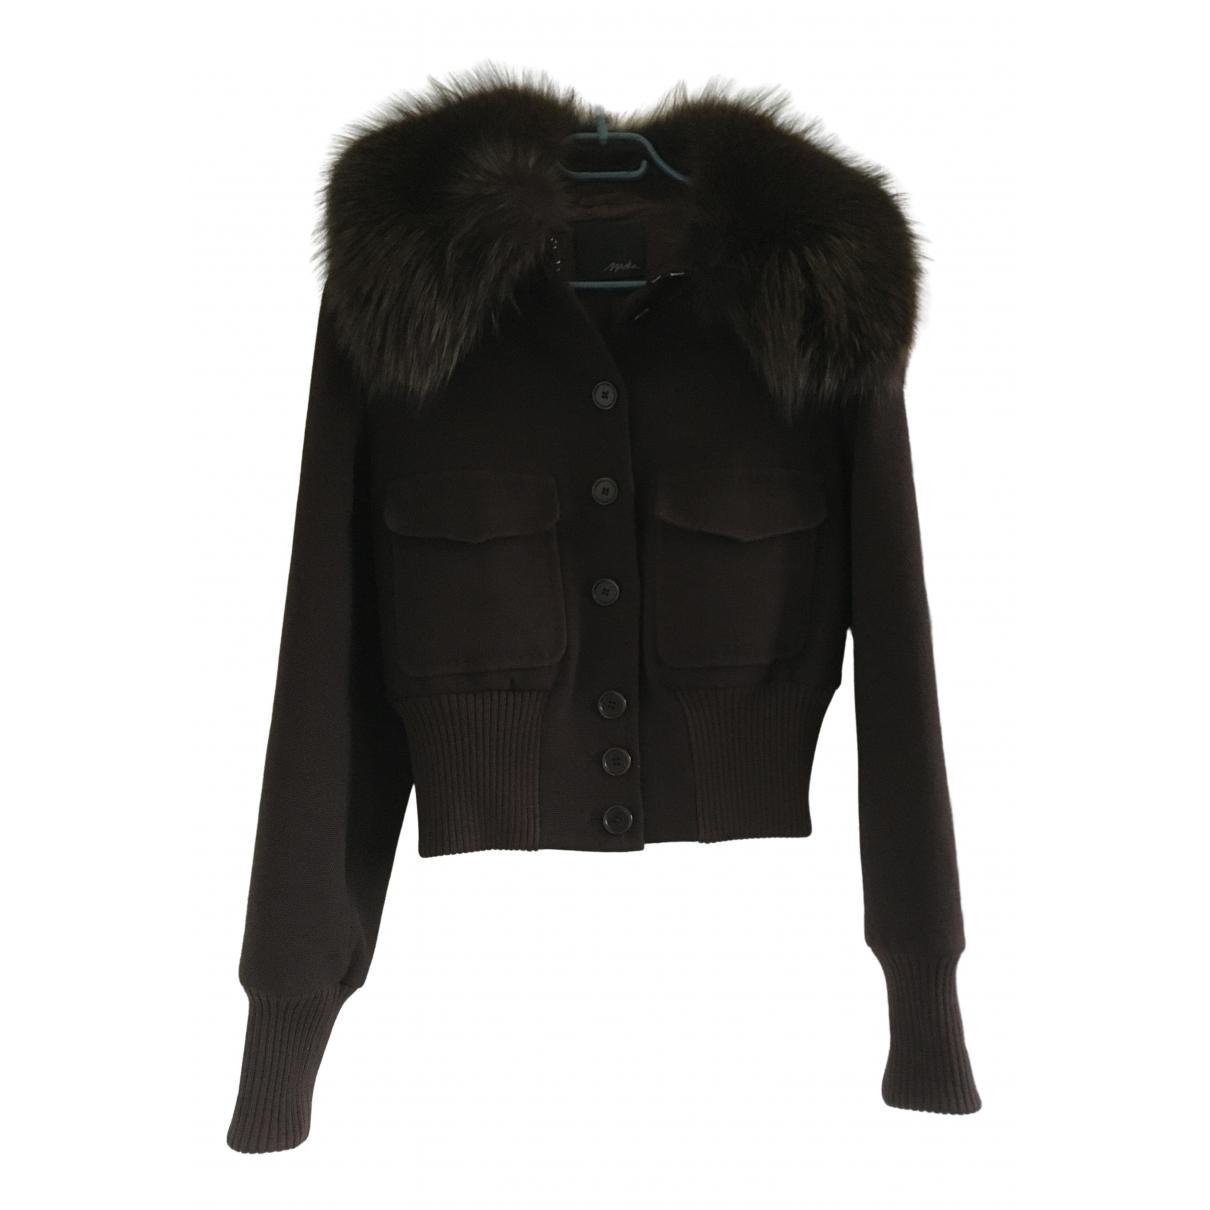 Maska - Veste   pour femme en laine - marron